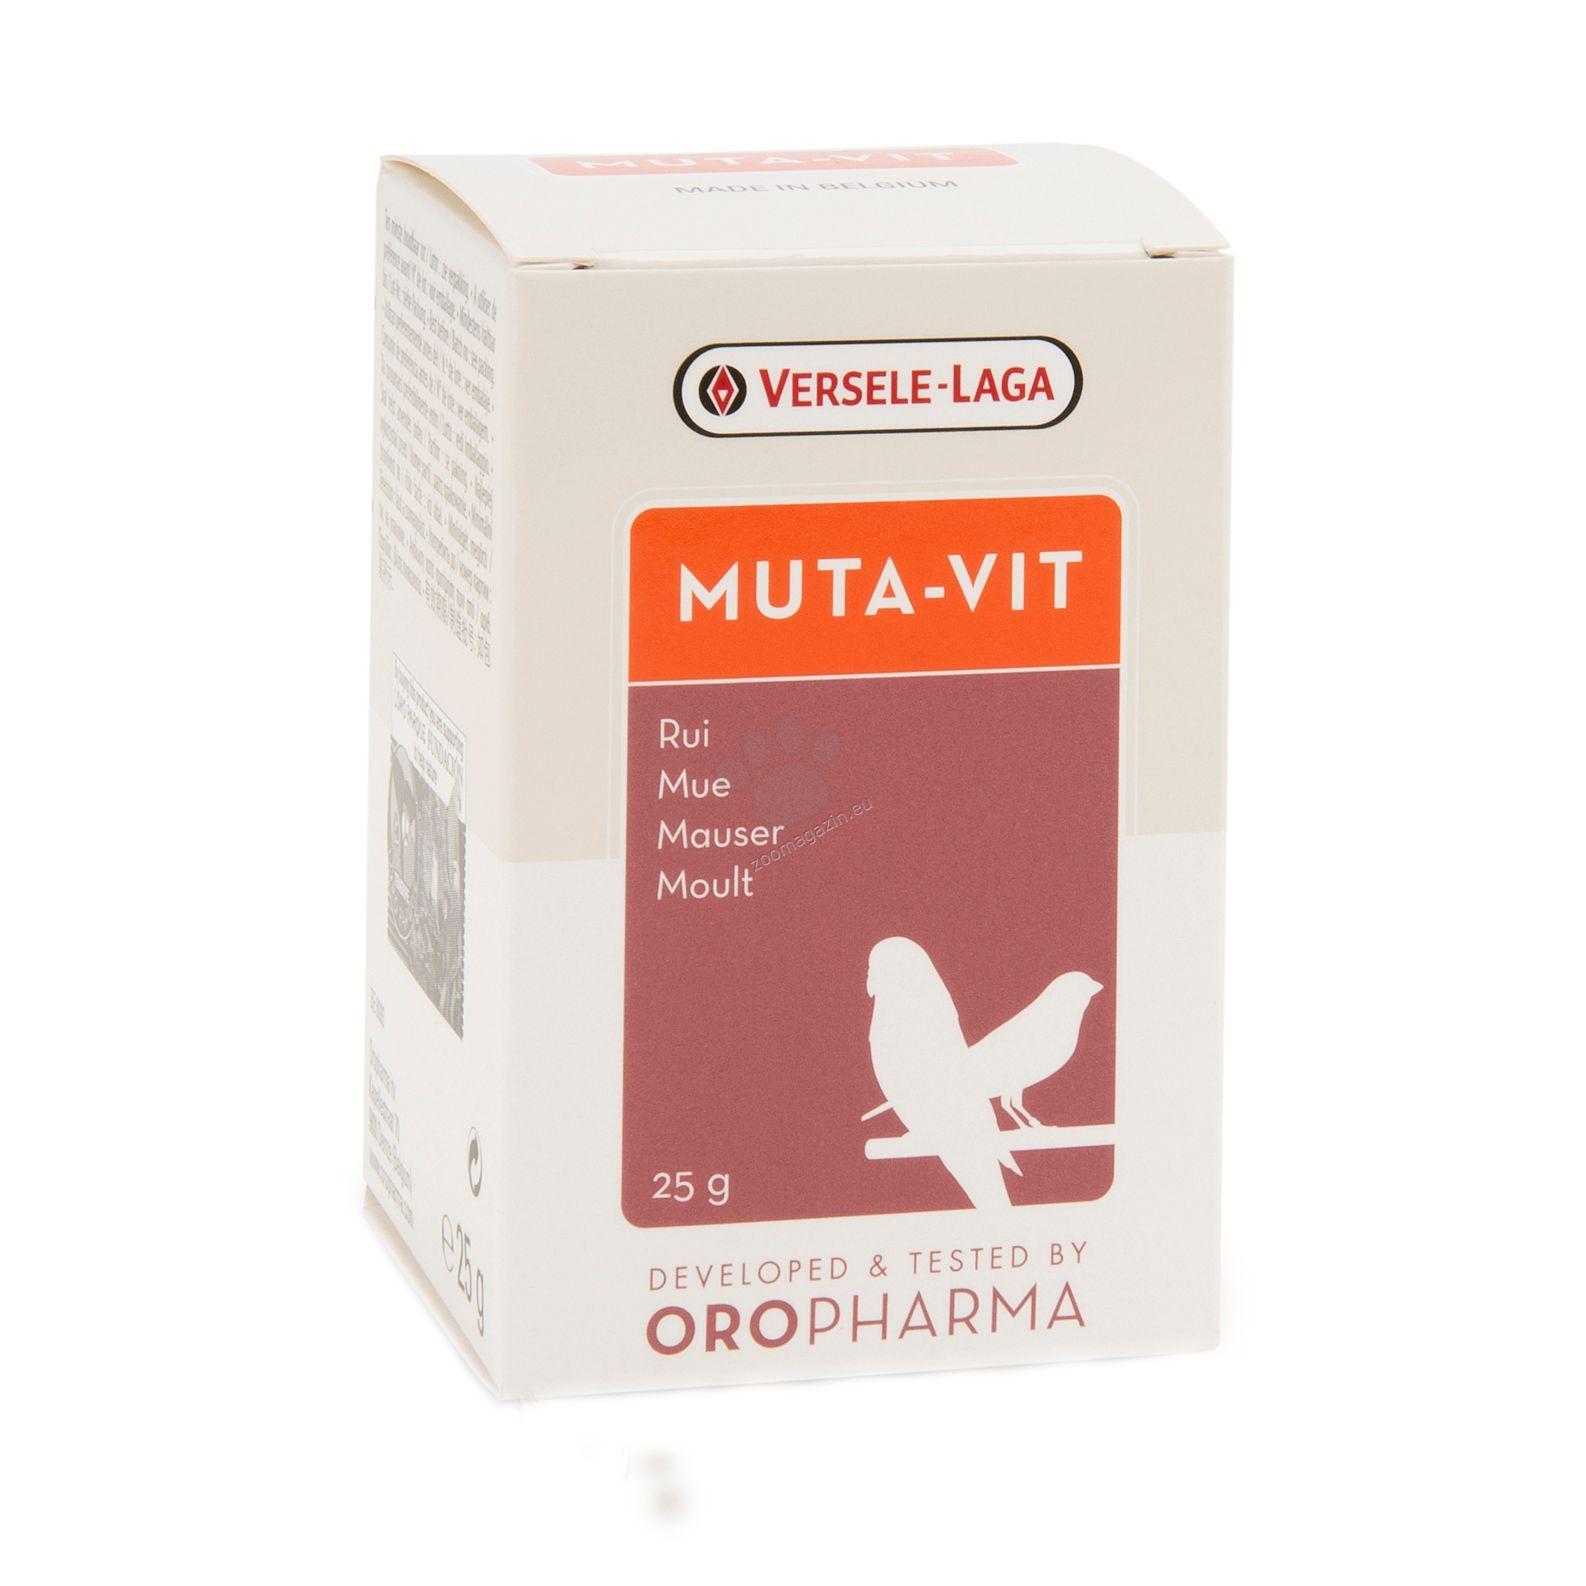 Versele Laga - Oropharma Muta - Vit - комплекс от витамини, аминокиселини и микроелементи за добро оперение  25 гр.